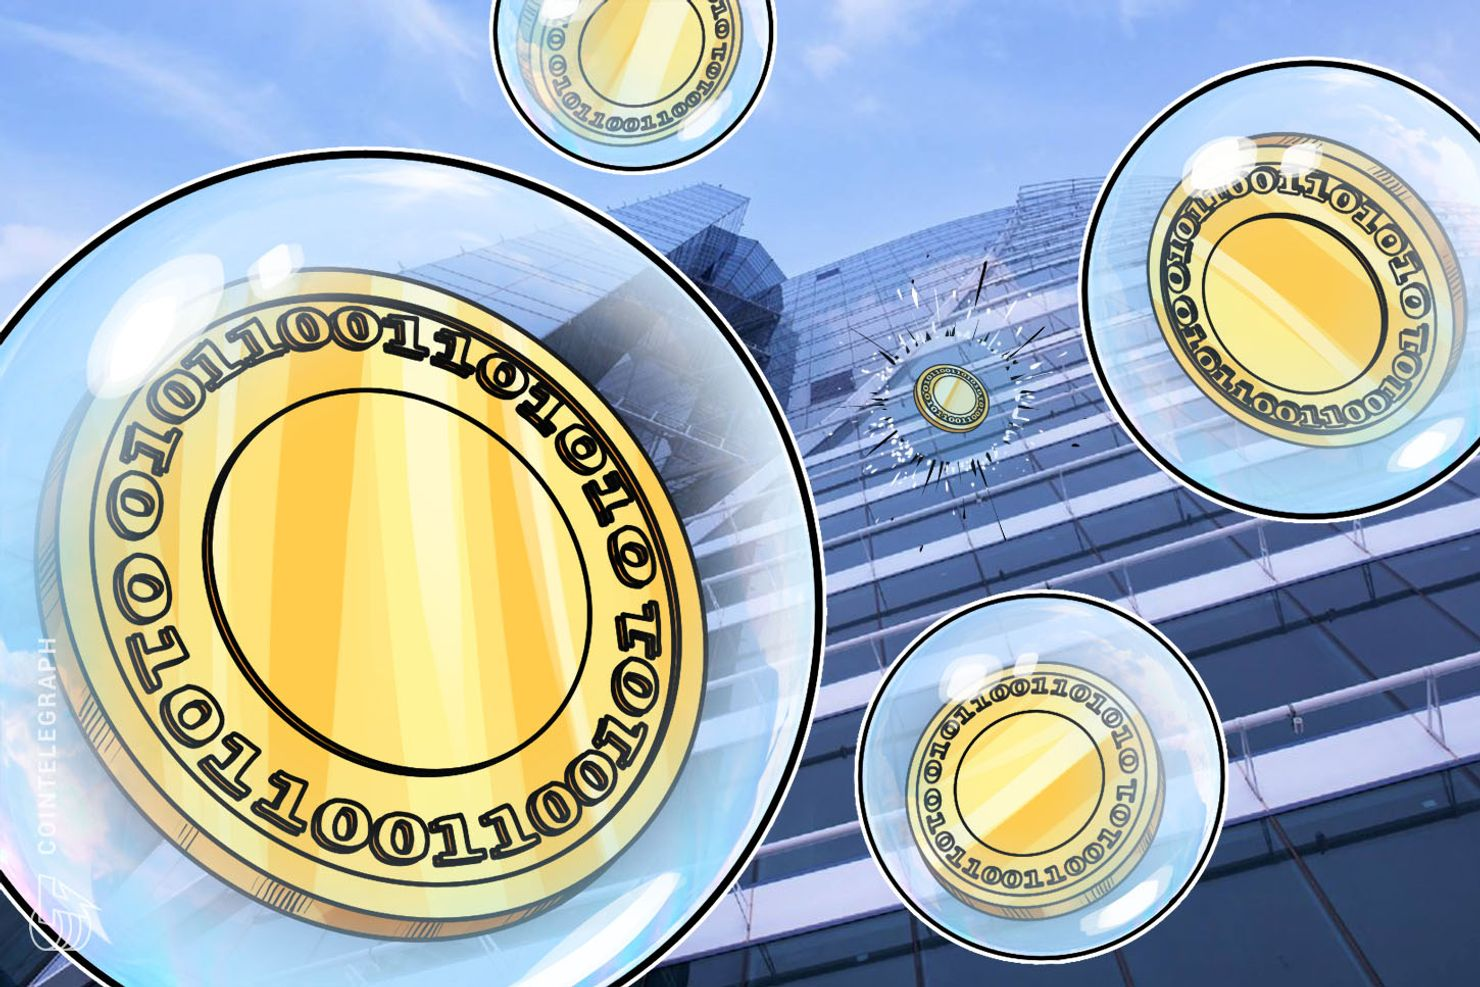 国内外仮想通貨、ブロックチェーン関連イベントまとめ (カンファレンス、ミートアップ、セミナー、ハッカソン等)